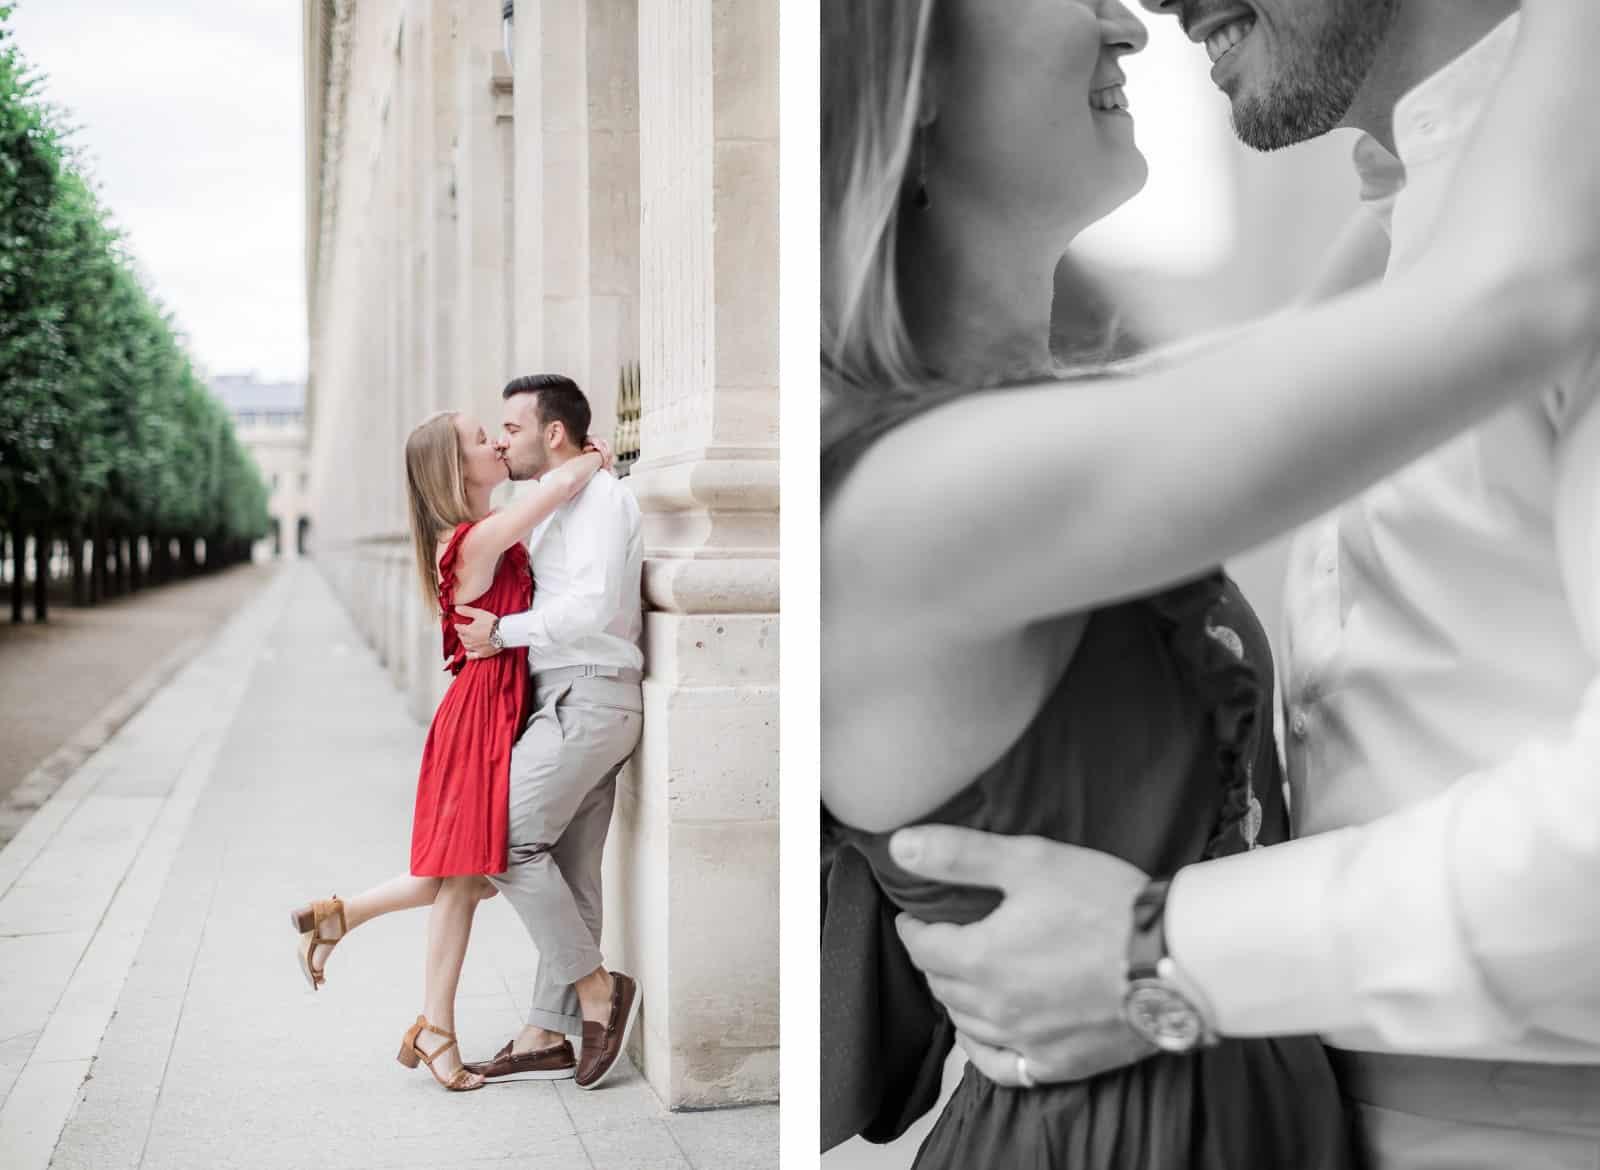 Photo de Mathieu Dété, couple enlacé dans les jardins du Palais-Royal de Paris